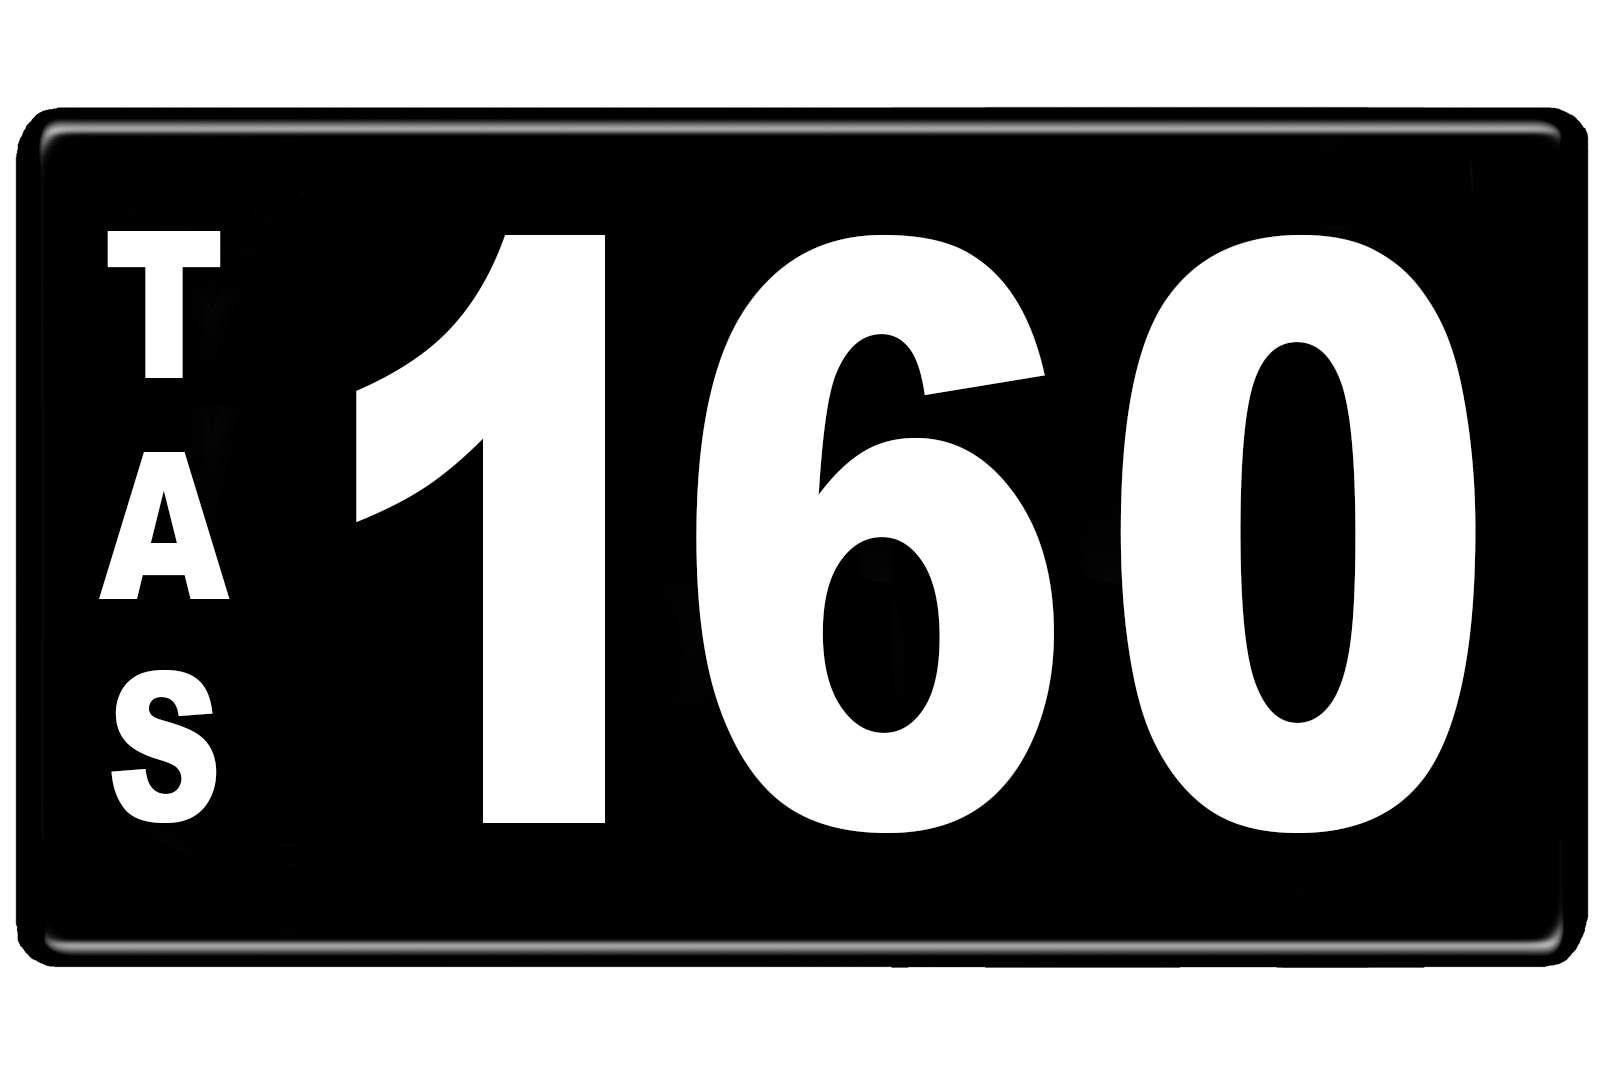 Number Plates - Tasmanian Numerical Number Plates '160'